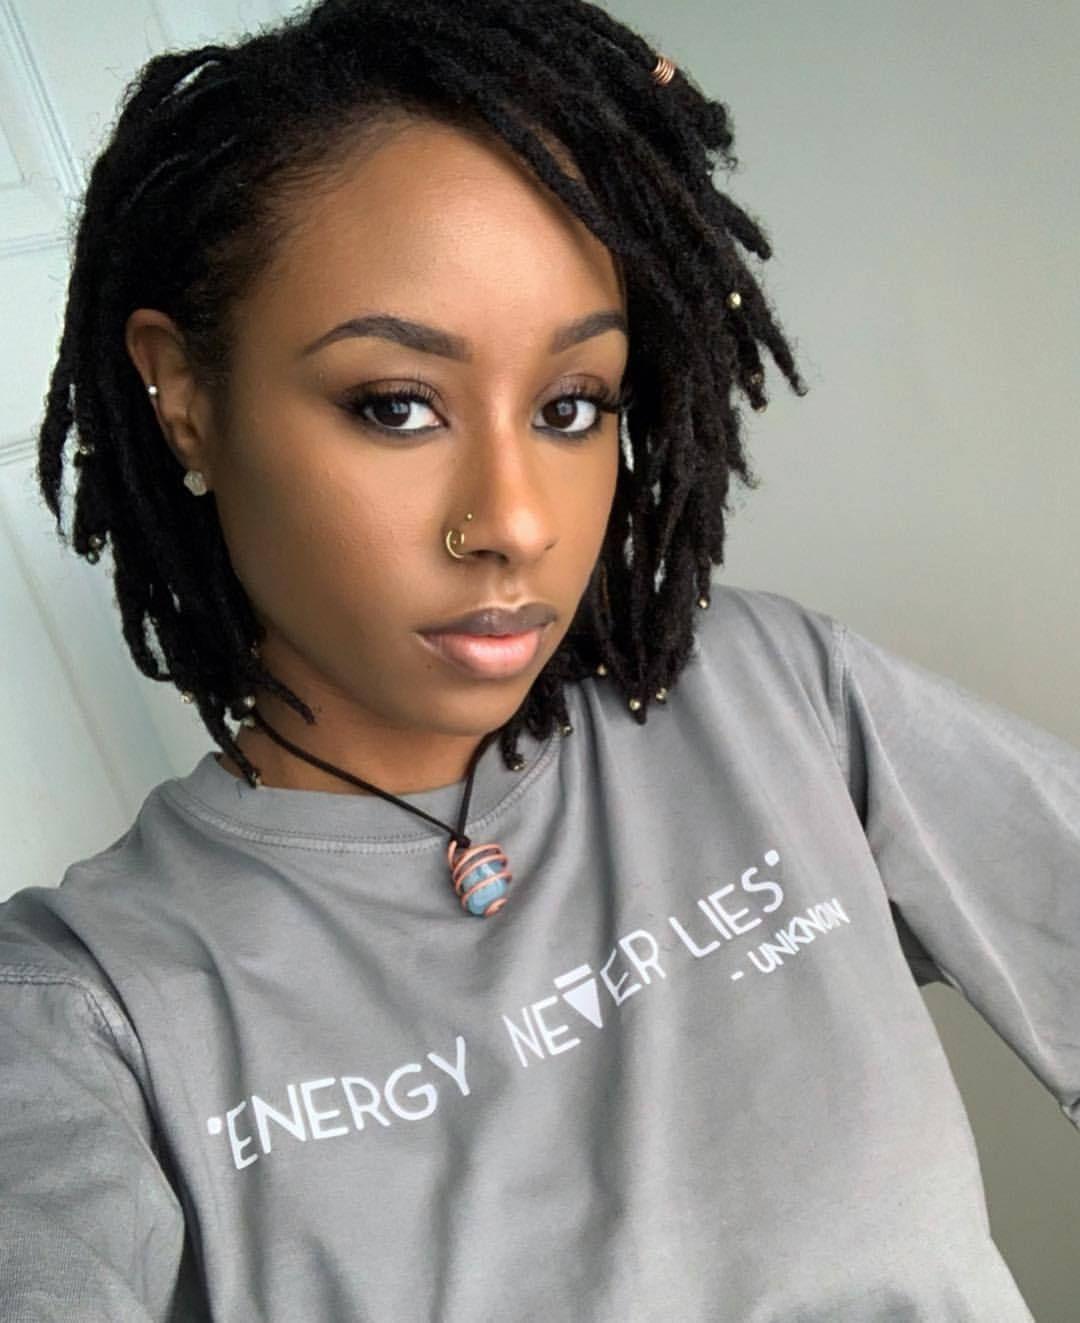 Iamloc D Sur Instagram Est Ce Que Vous Vous Debattez Avec Vos Locs Au Debut Ce Qui A Ete Le In 2020 Locs Hairstyles Short Locs Hairstyles Natural Hair Styles